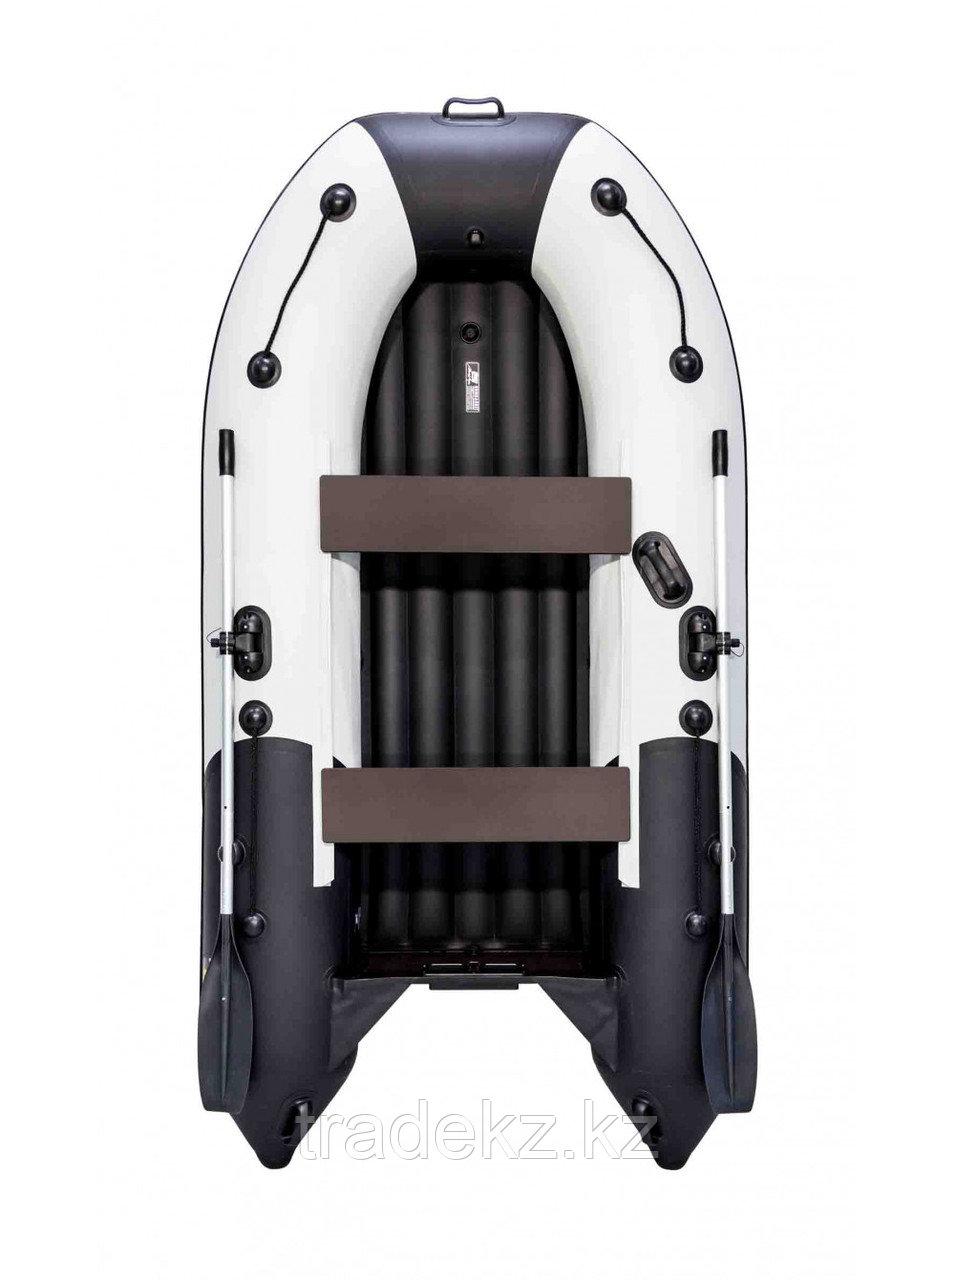 Лодка ПВХ Ривьера Компакт 2900 НДНД Комби светло-серый/черный